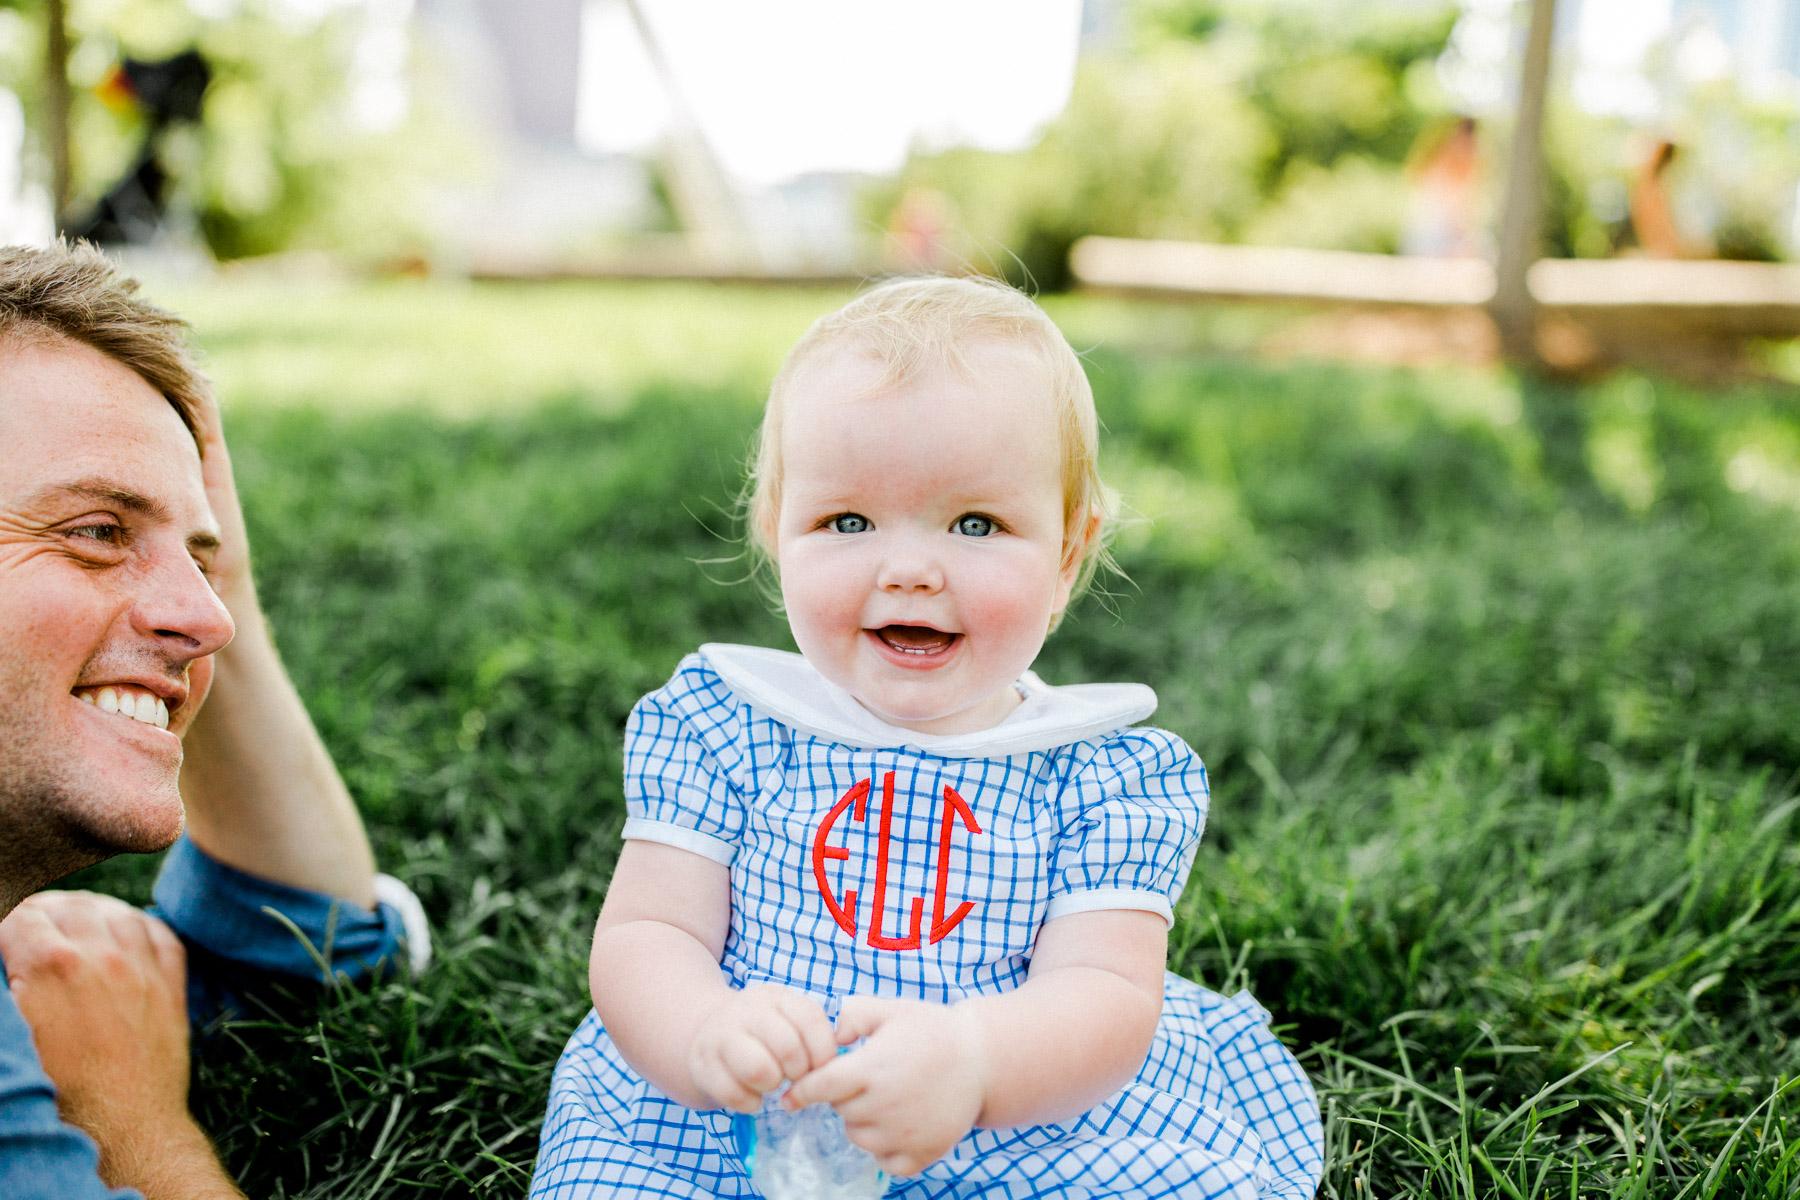 Preppy baby style